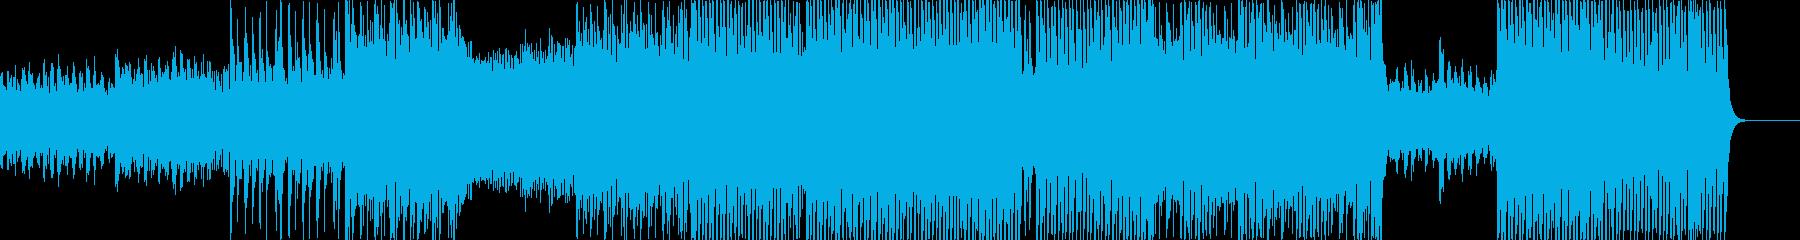 幻想的な雰囲気のファンタジーテクノの再生済みの波形